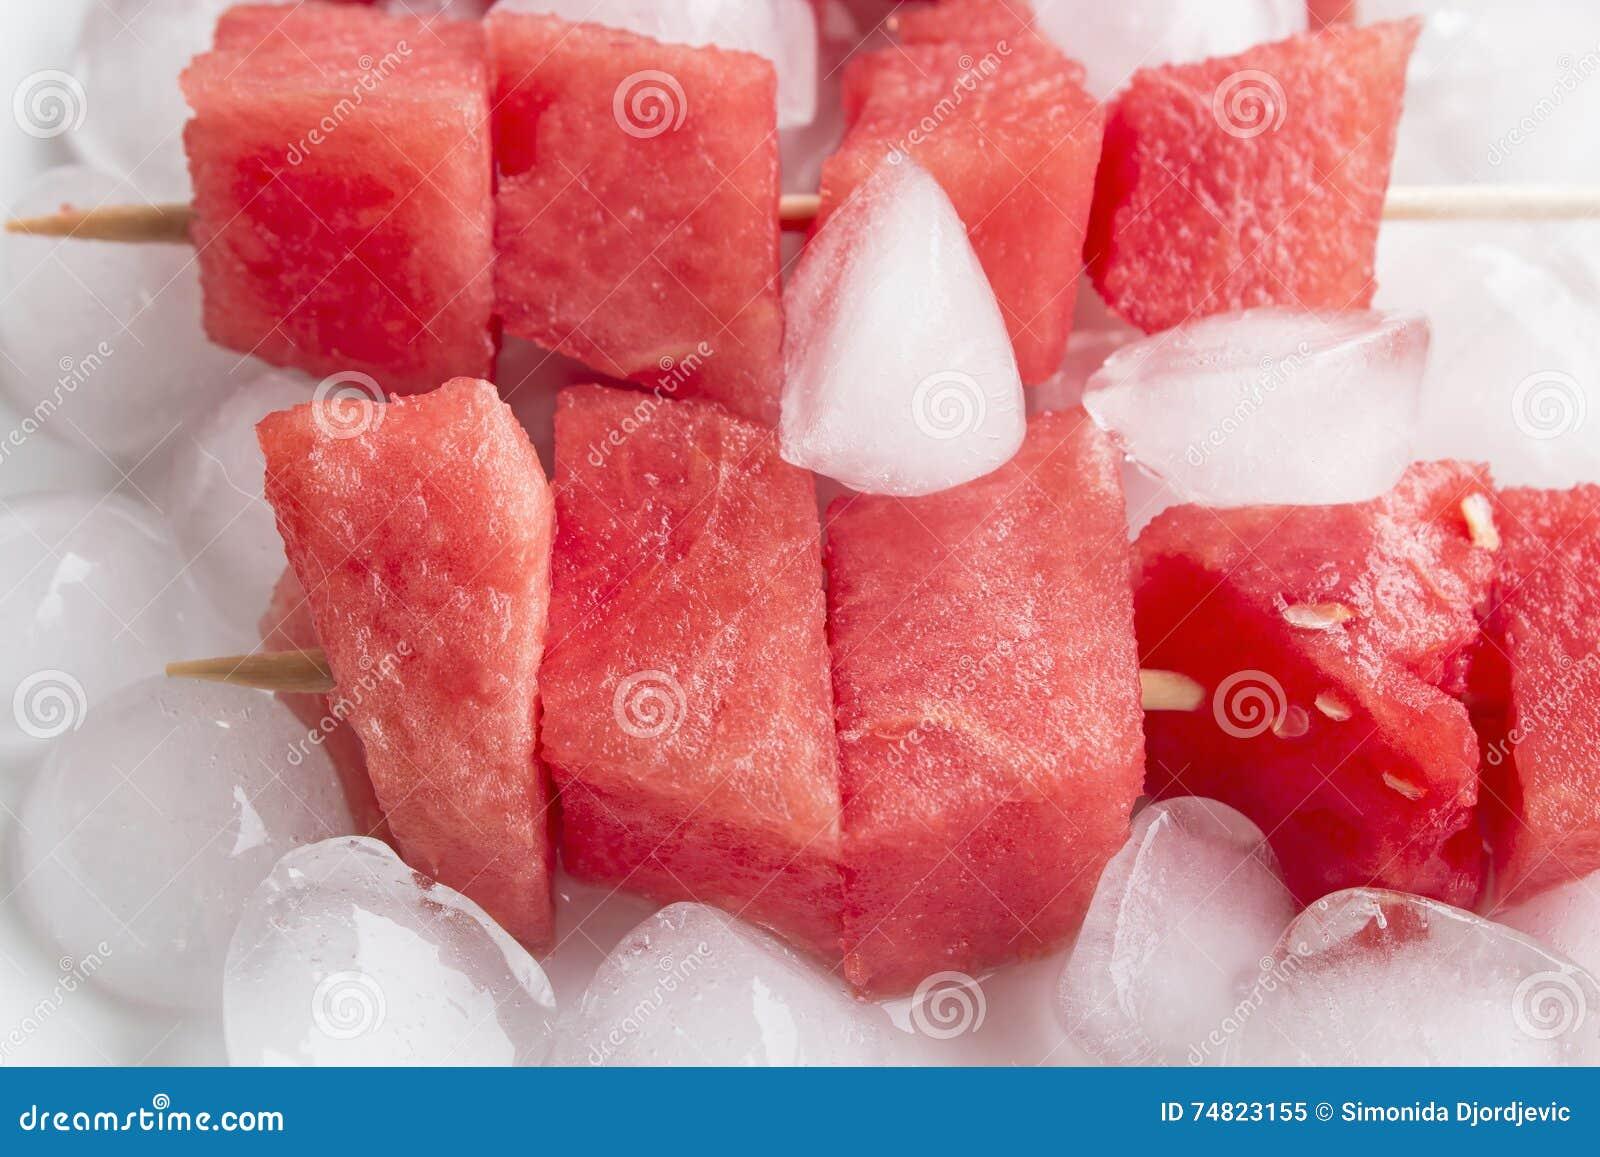 Espetos de refrescamento da melancia com gelo